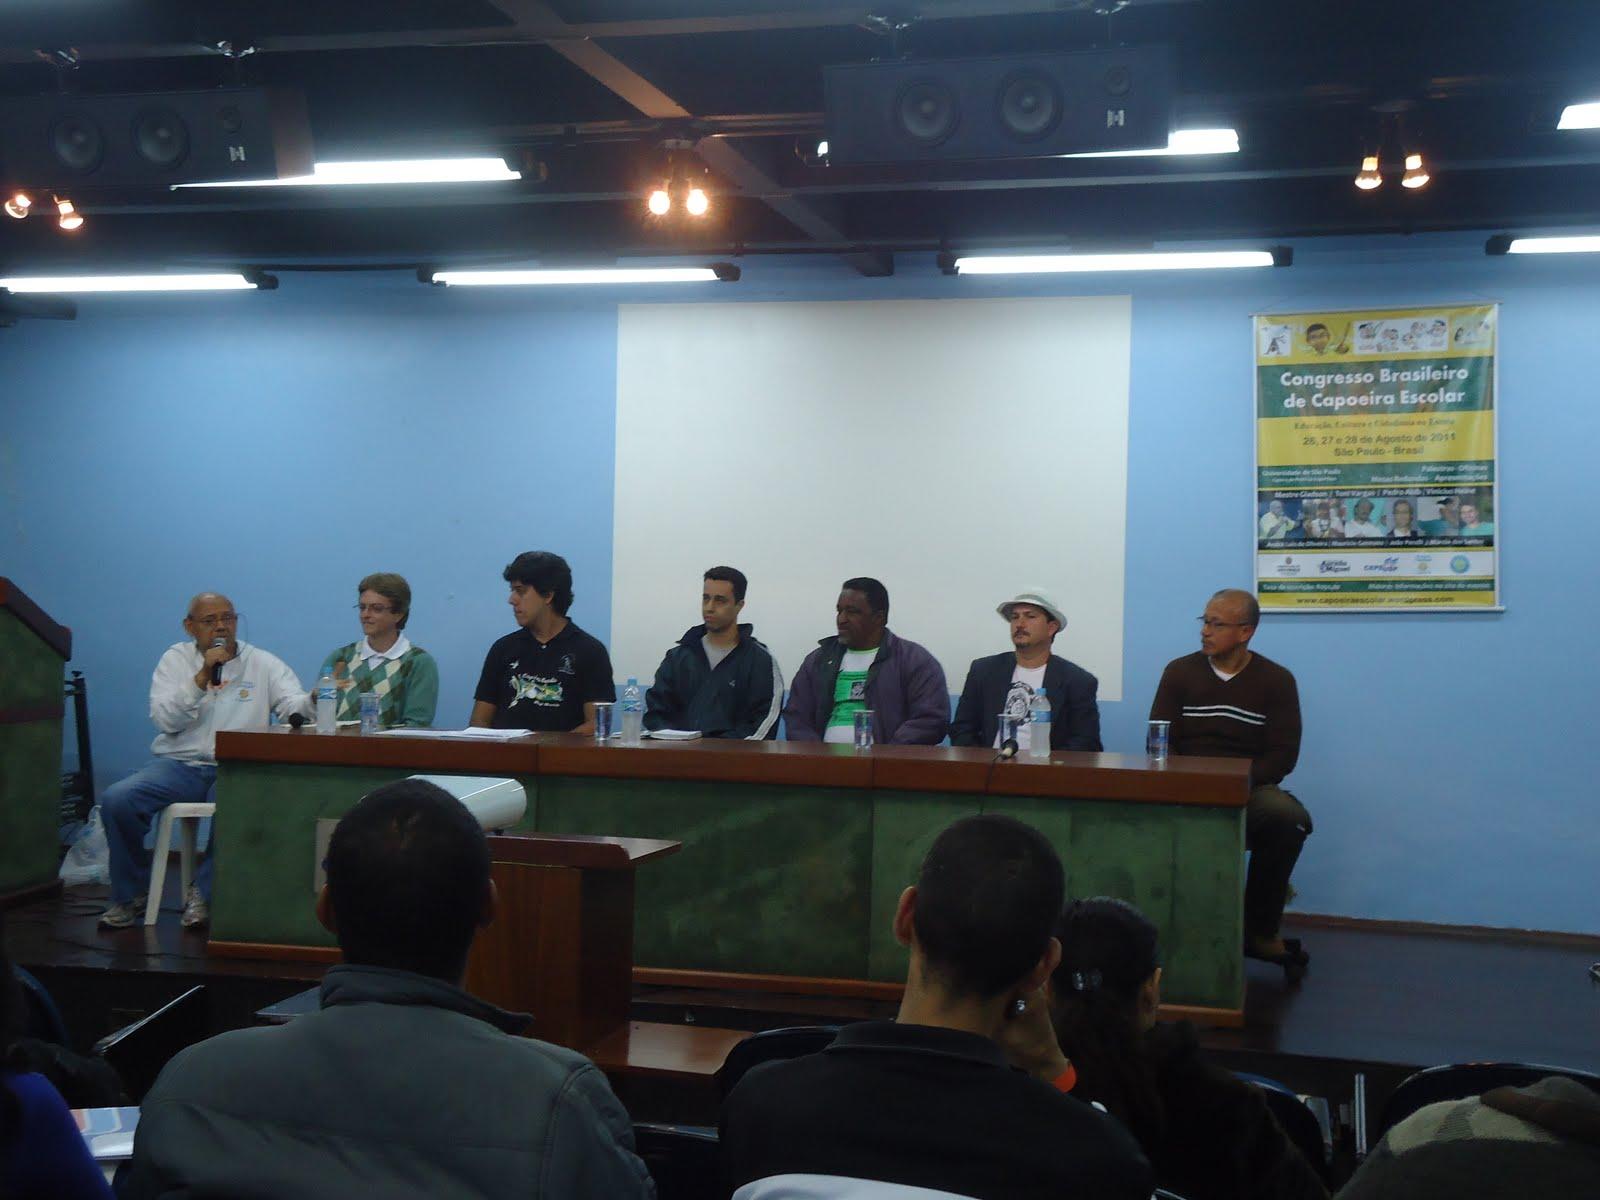 Prof Júnior Oliveira: Junior Oliveira: Participação No Congresso Brasileiro De